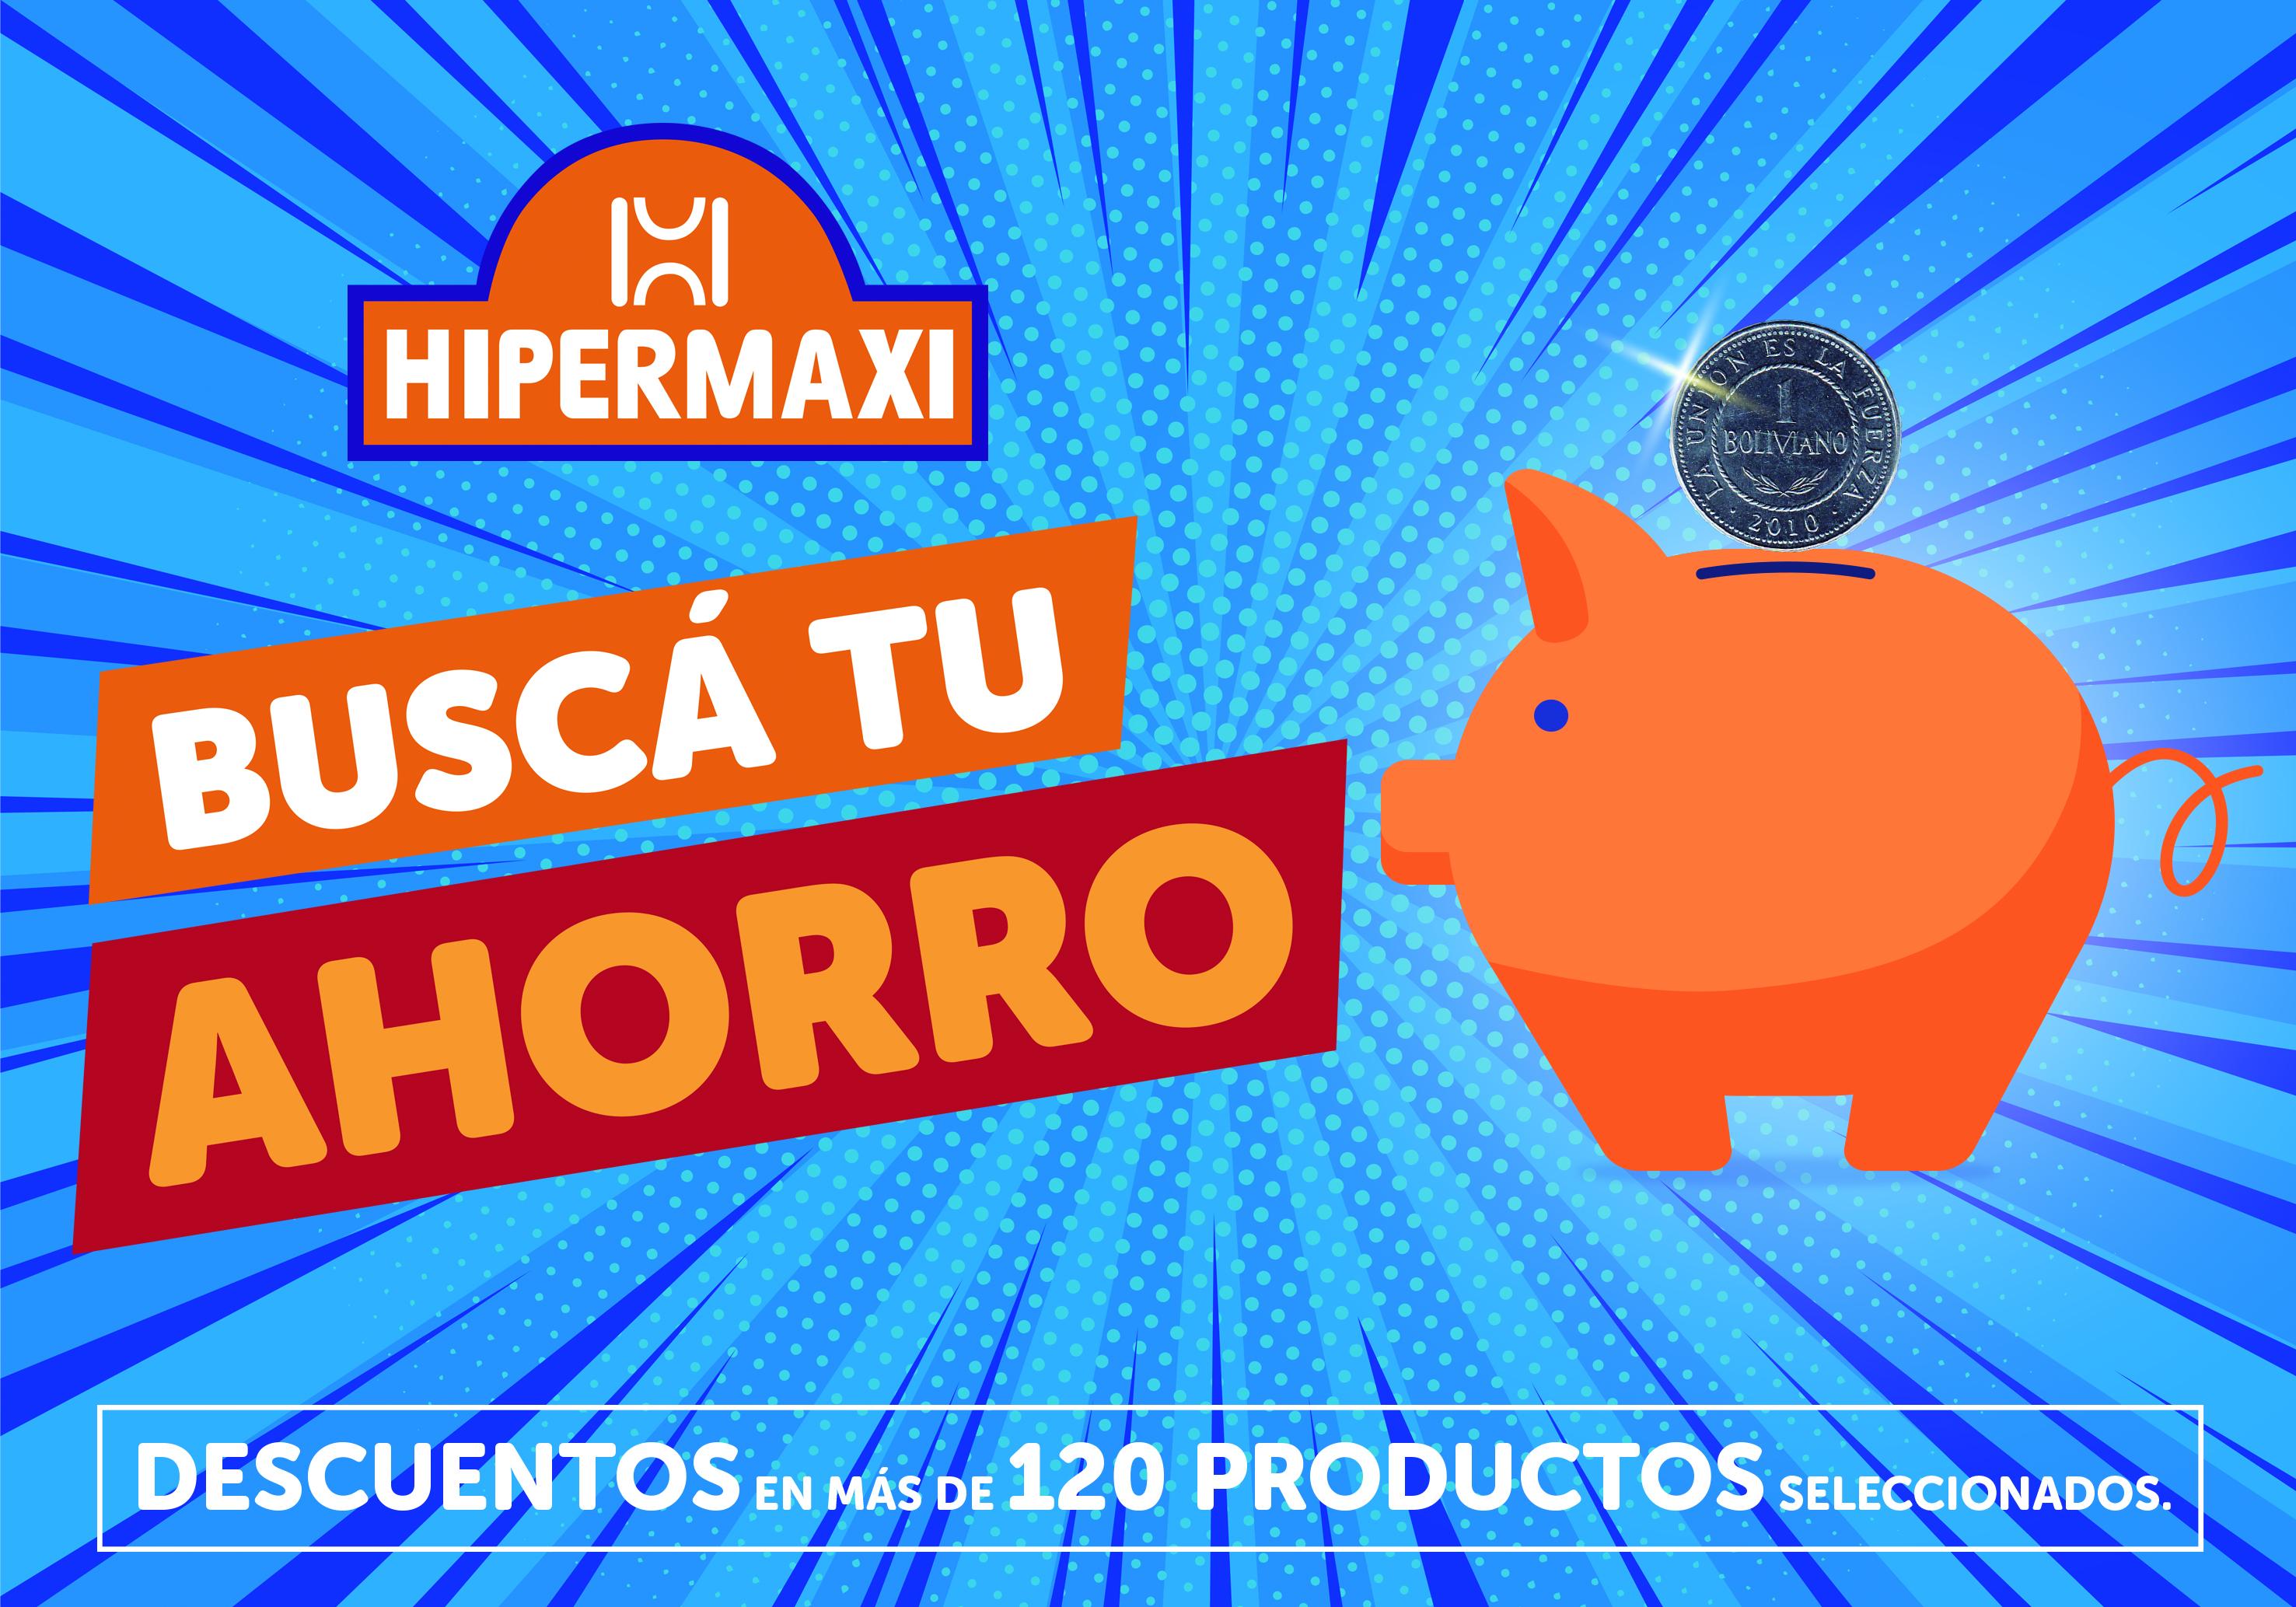 Hipermaxi: Busca tu ahorro! Descuento en más de 120 productos seleccionados